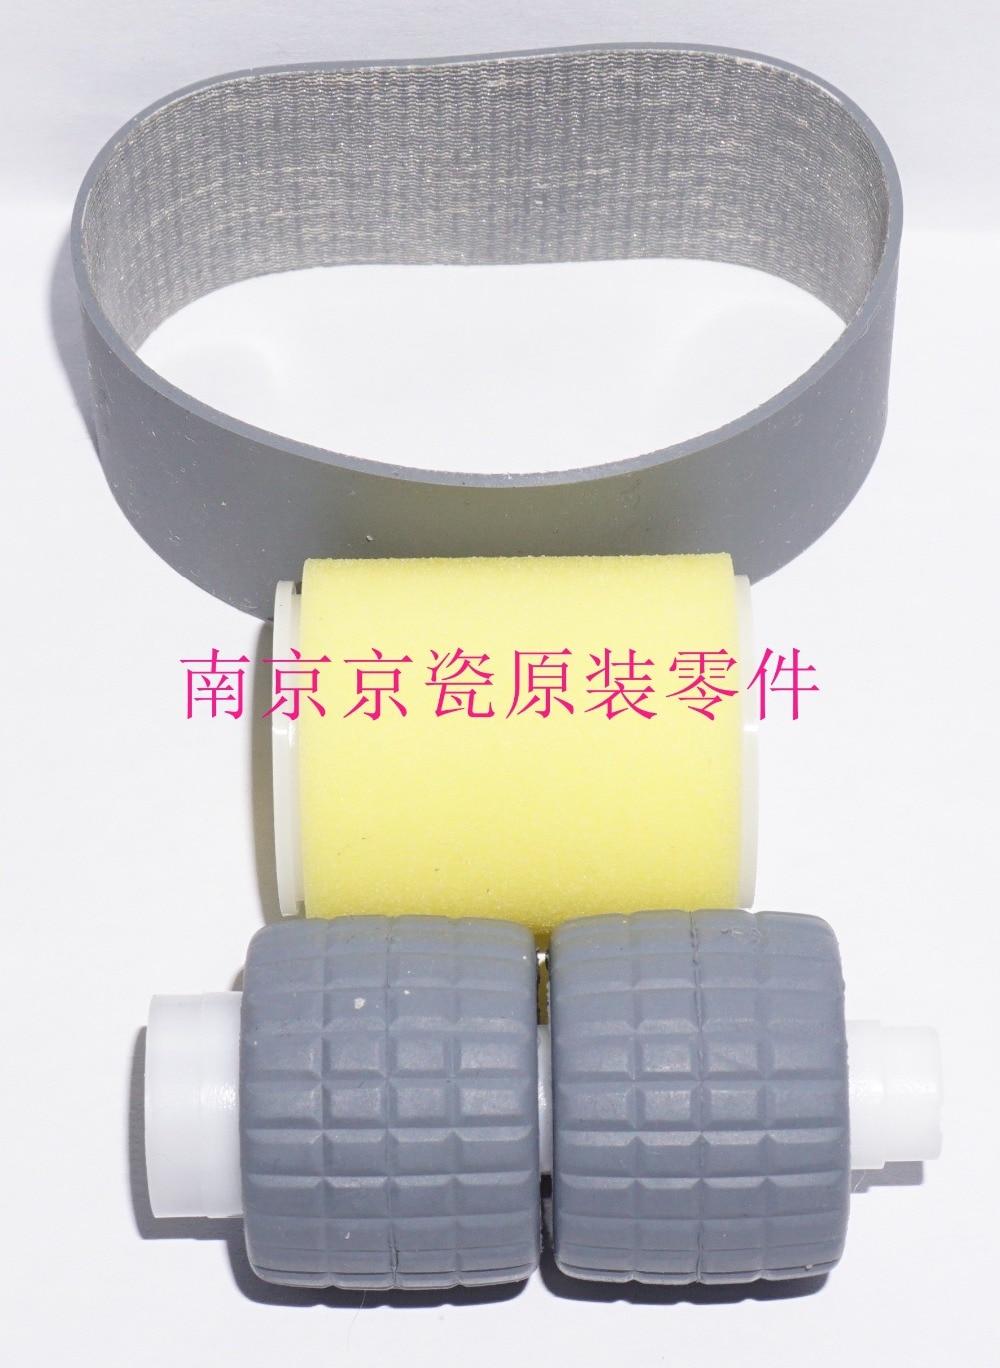 Новые оригинальные Kyocera 303h607020 303jx07460 303jx07330 шкив RSS АПД (1 комплект из 3) для: km-3050 4050 5050 dp-700